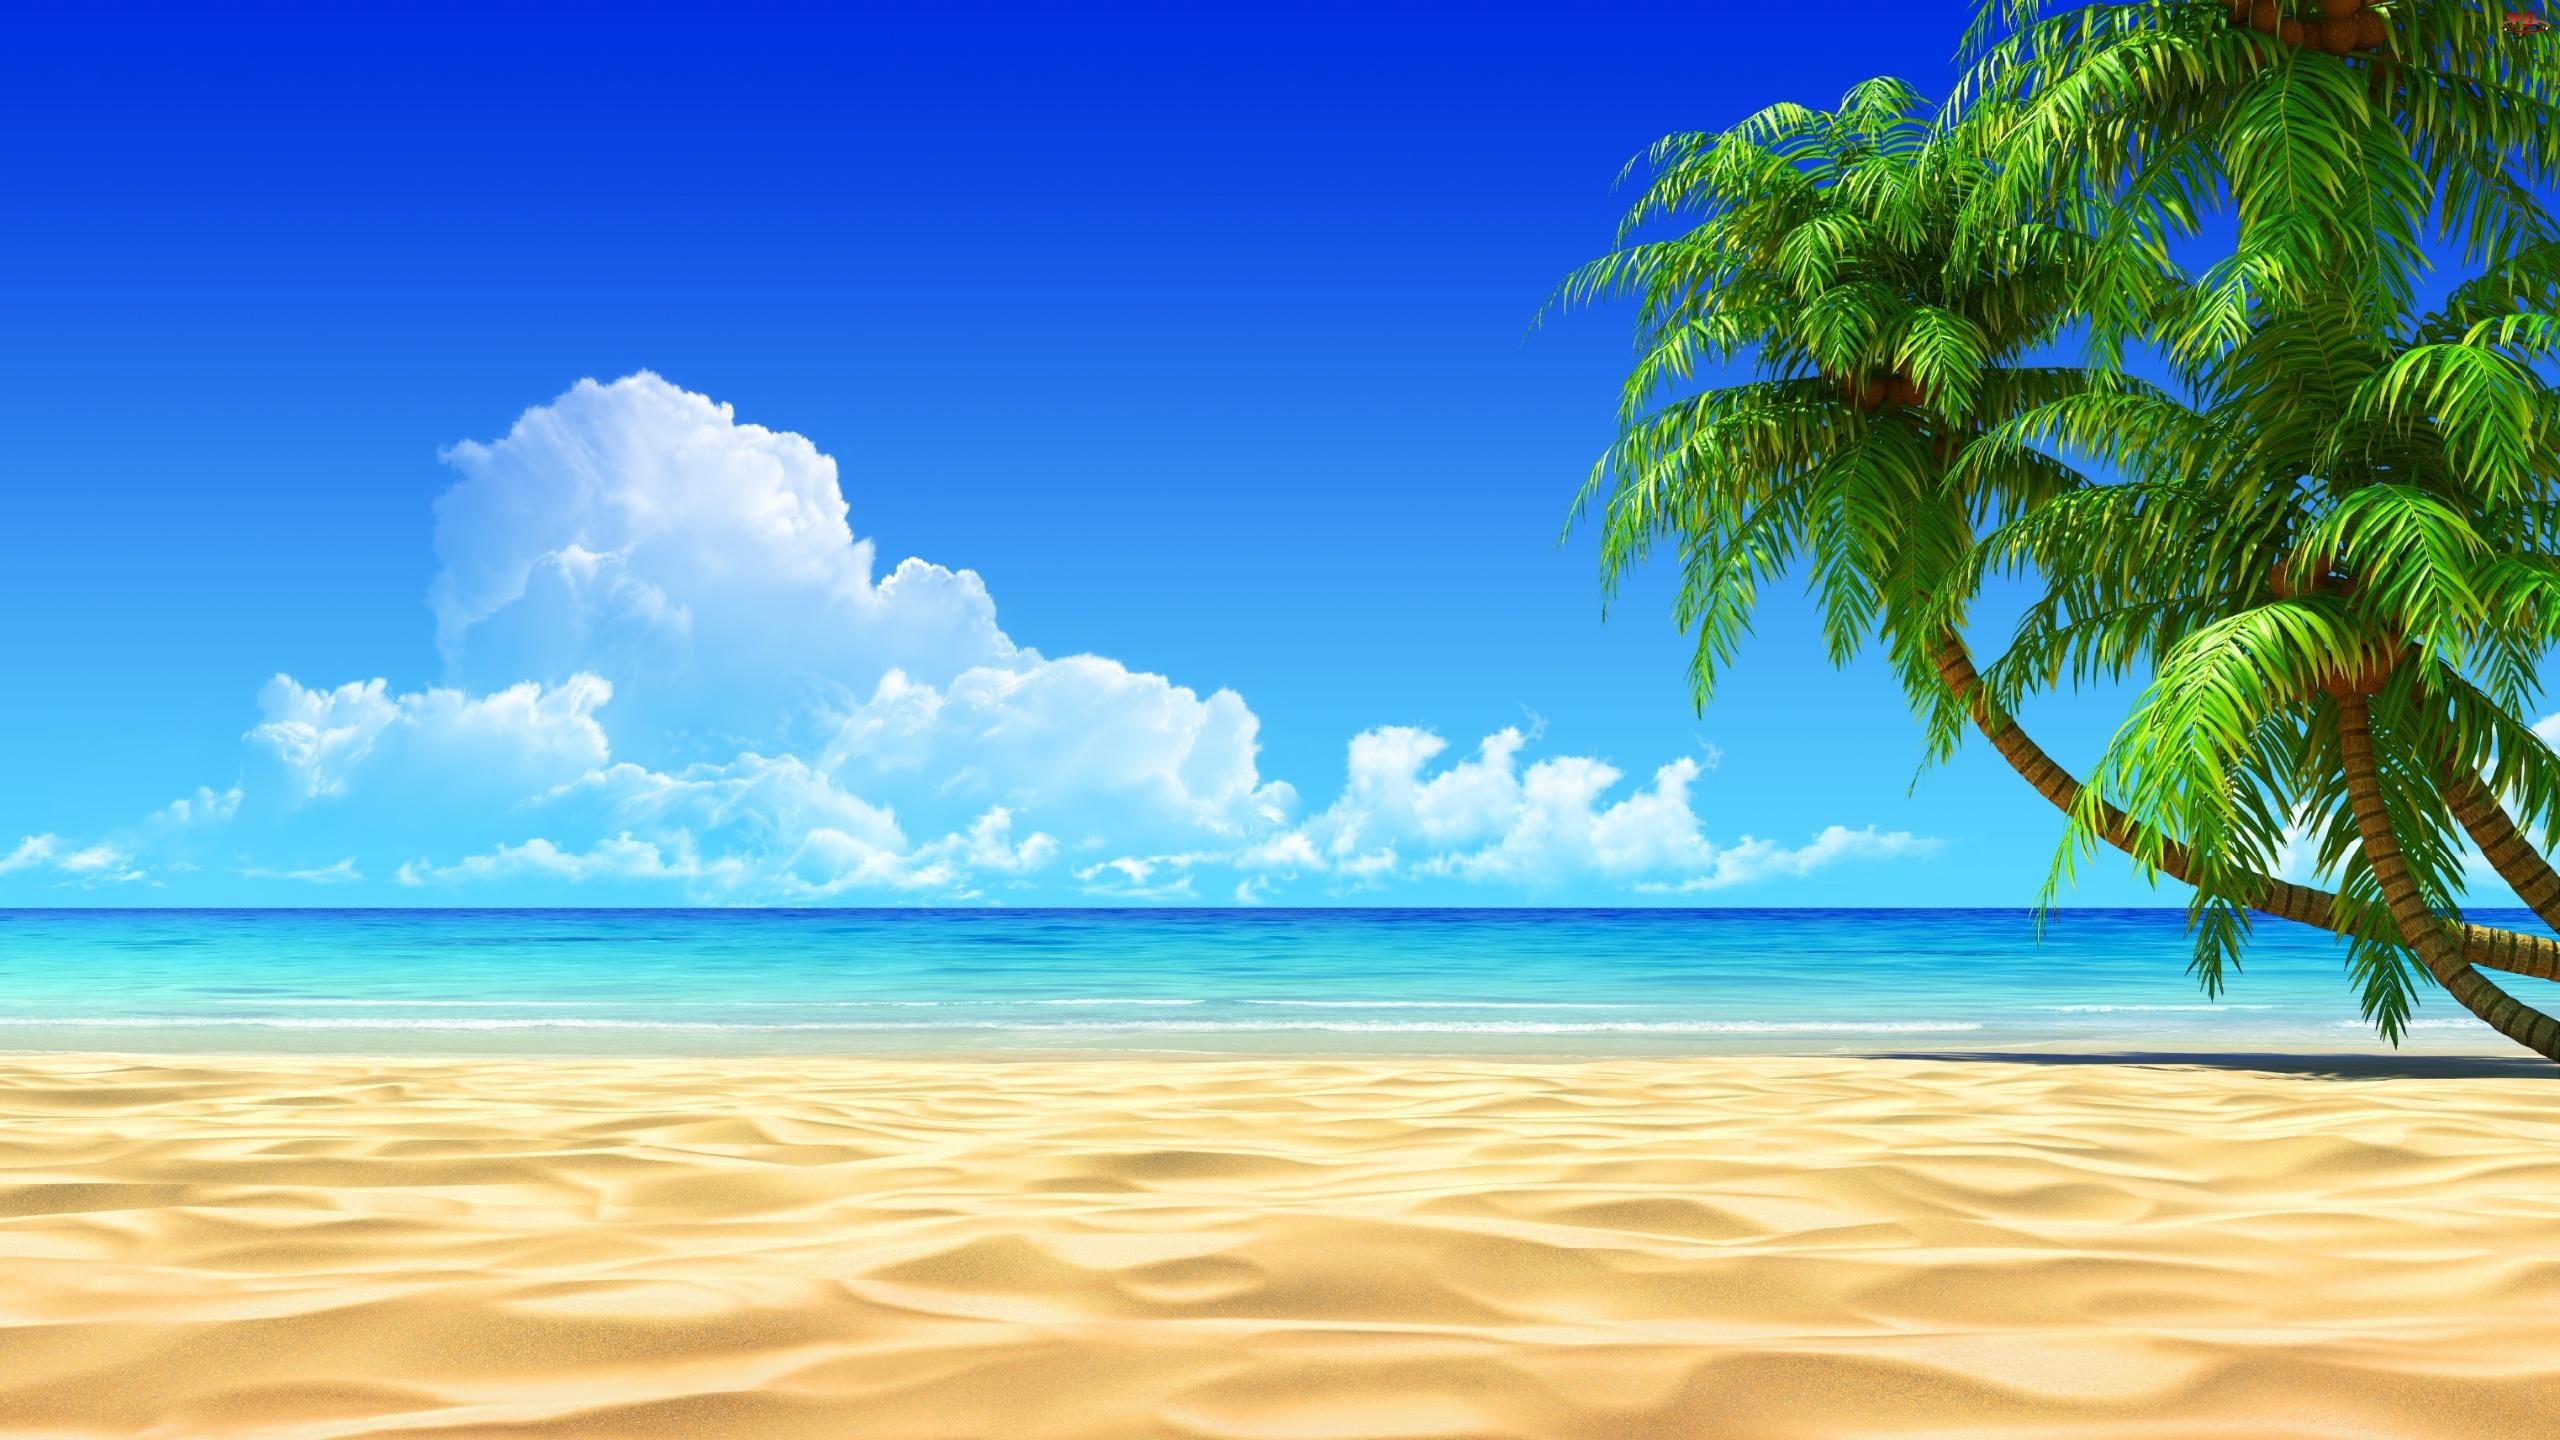 HD Beach